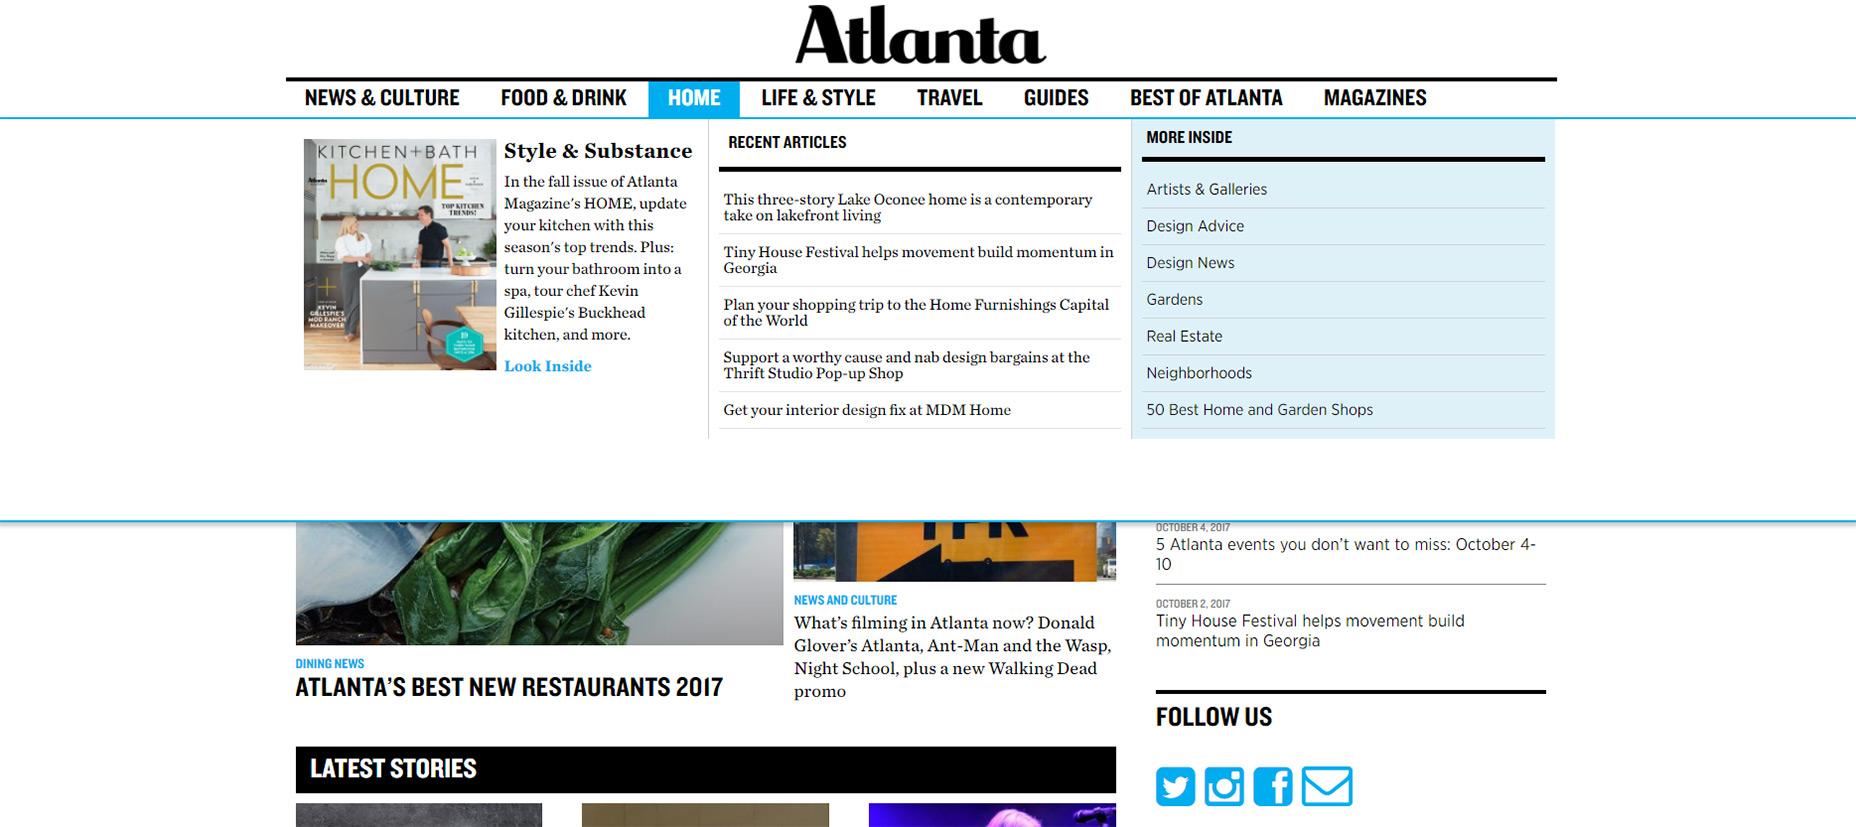 03-atlanta-magazine-dropdown-nav